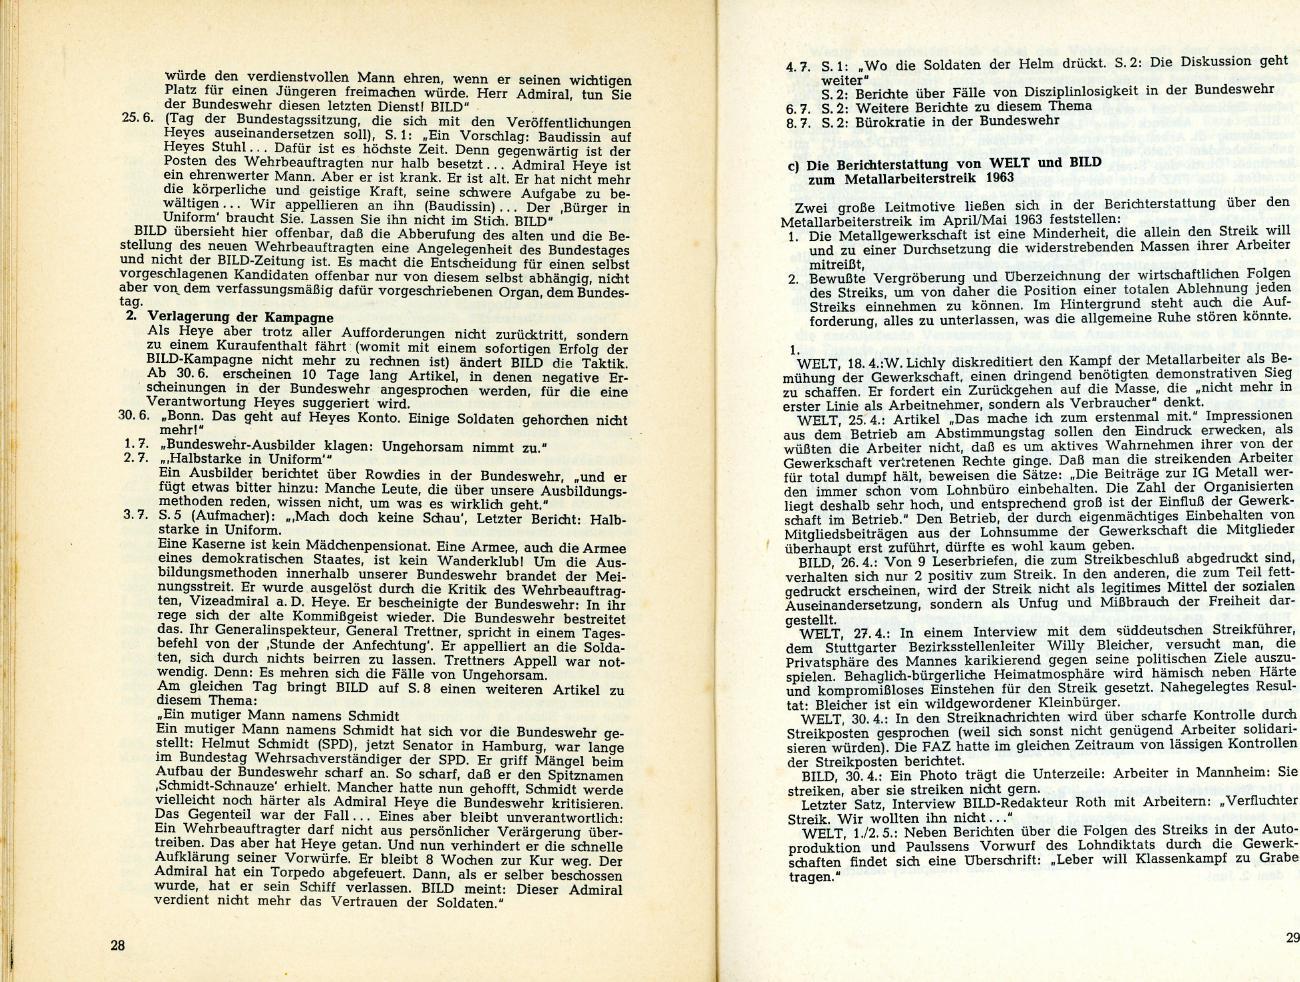 Berlin_RC_1967_Springer_enteignen_17